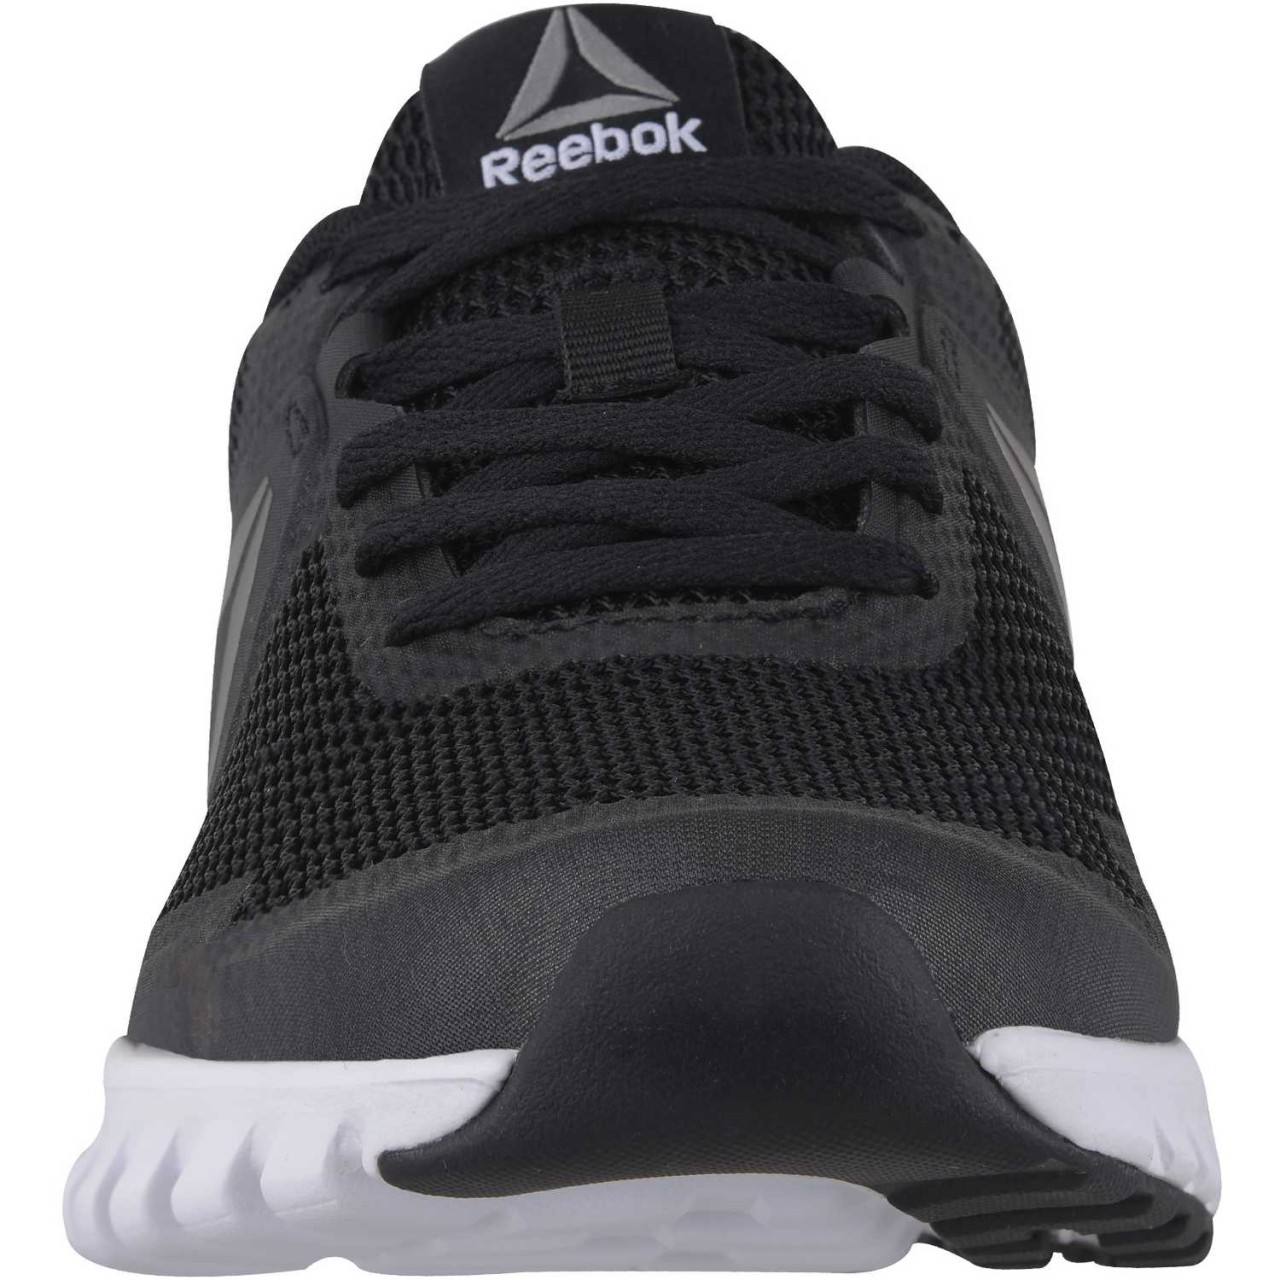 4a084dbcc01 novedadesomar peru   REEBOK twistform blaze 3.0 zapatillas para mujer